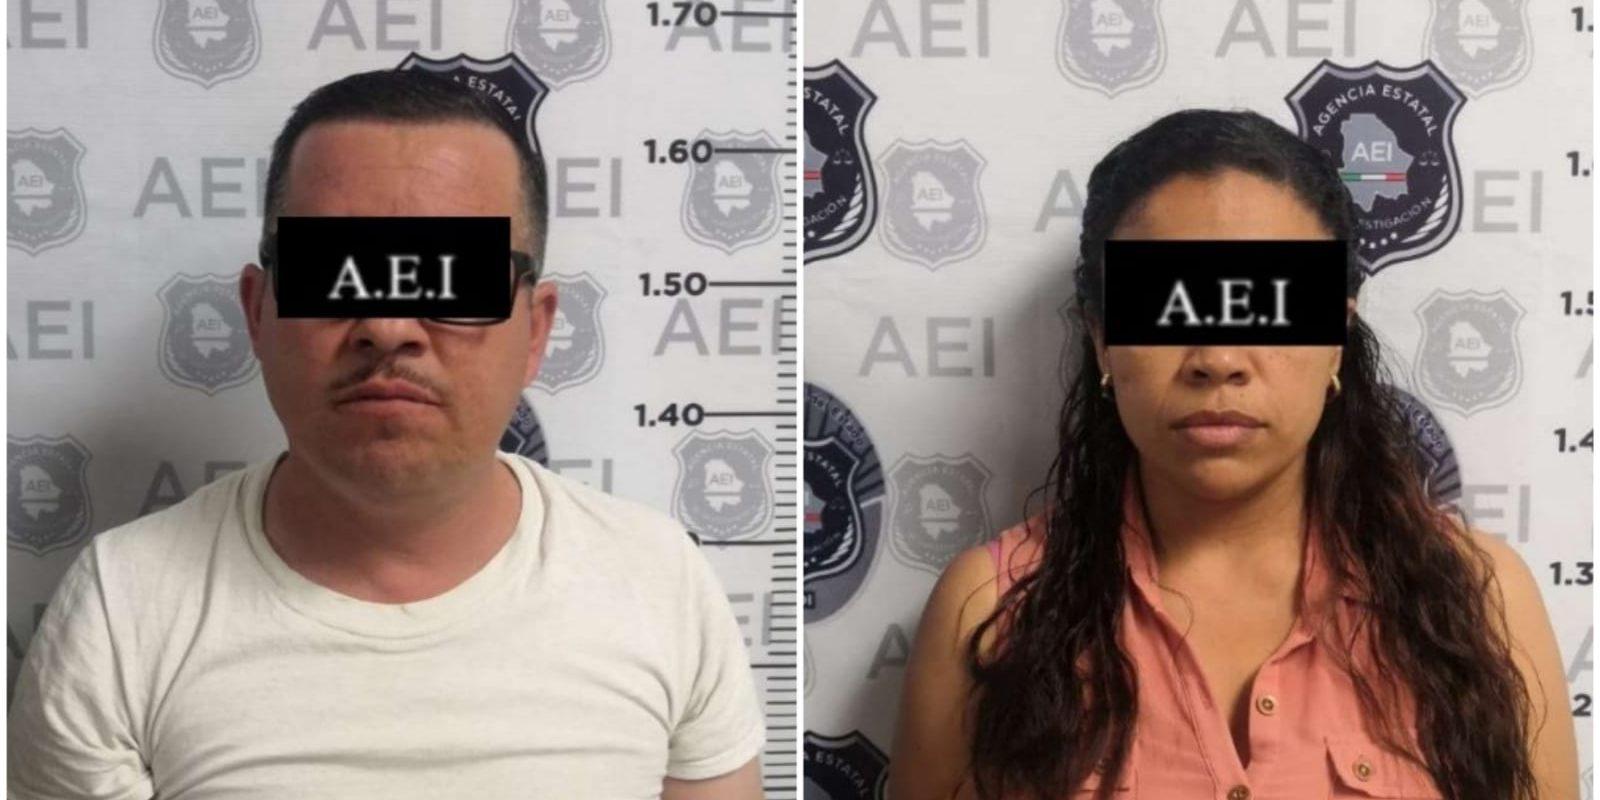 Mató a su ex para no darle pensión a su hijo: Martín y su nueva novia fueron cómplices en el crimen